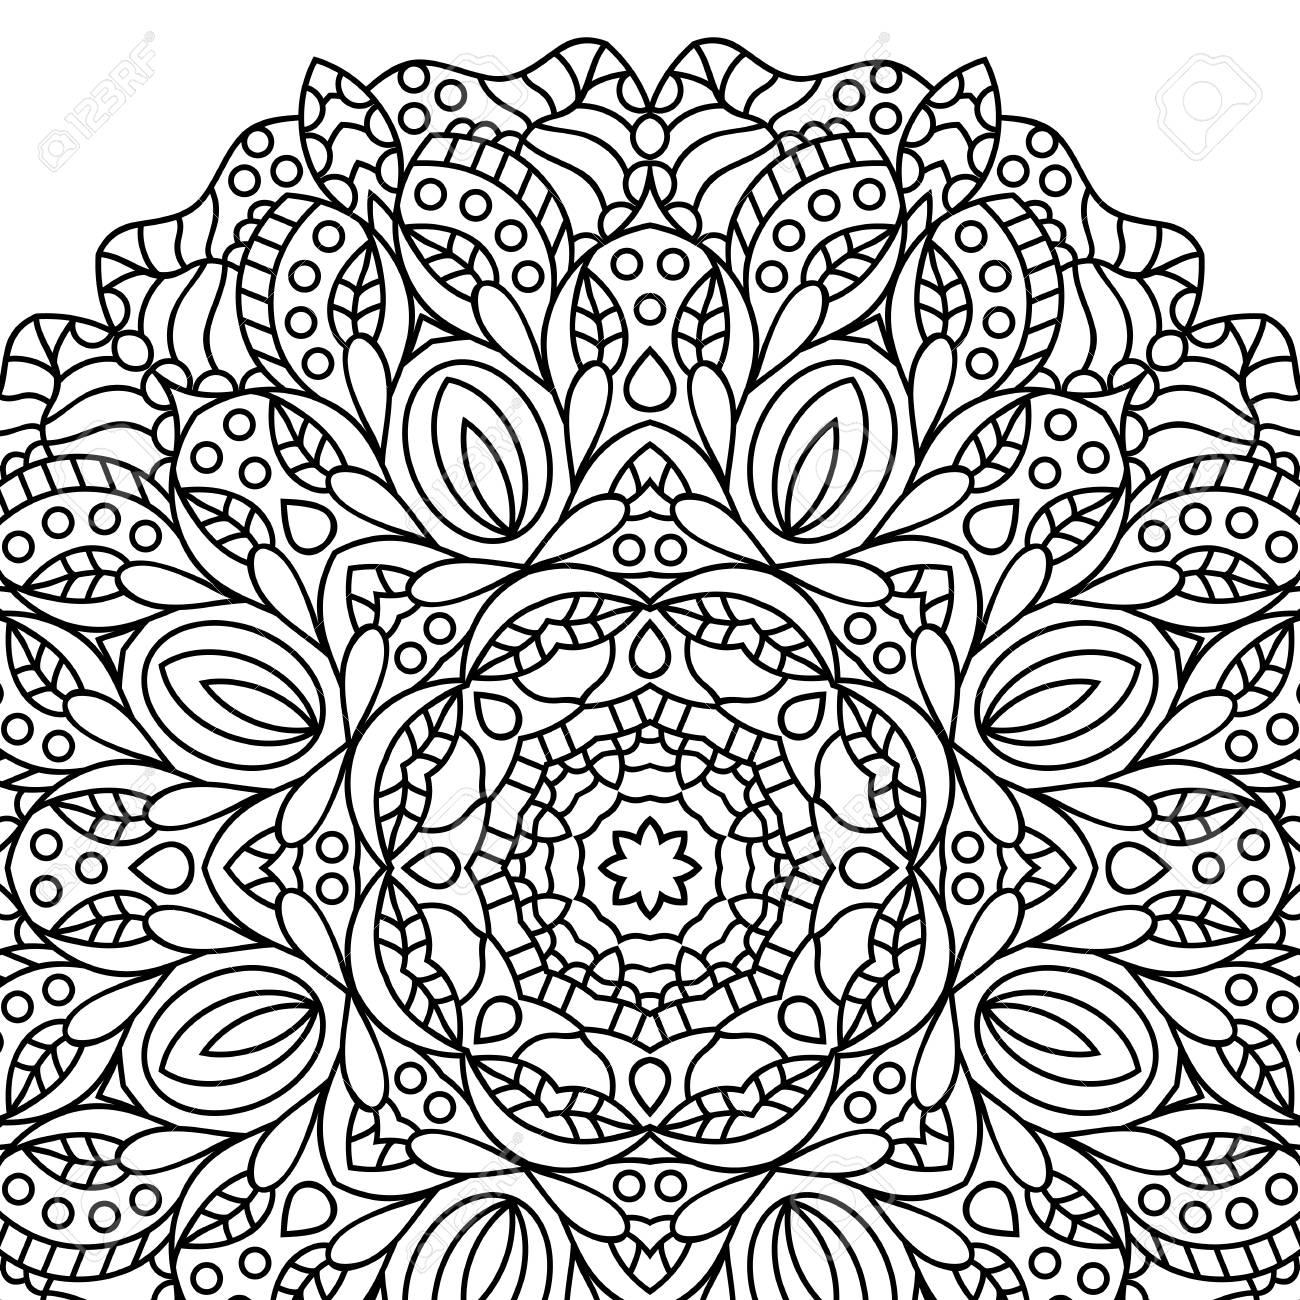 Coloriage Anti Stress Indien.Pages Du Livre A Colorier Mandala Medaillon Antistress Indien Fleur Islamique Abstraite Conception De Henne Arabe Symbole De L Yoga Fond Blanc